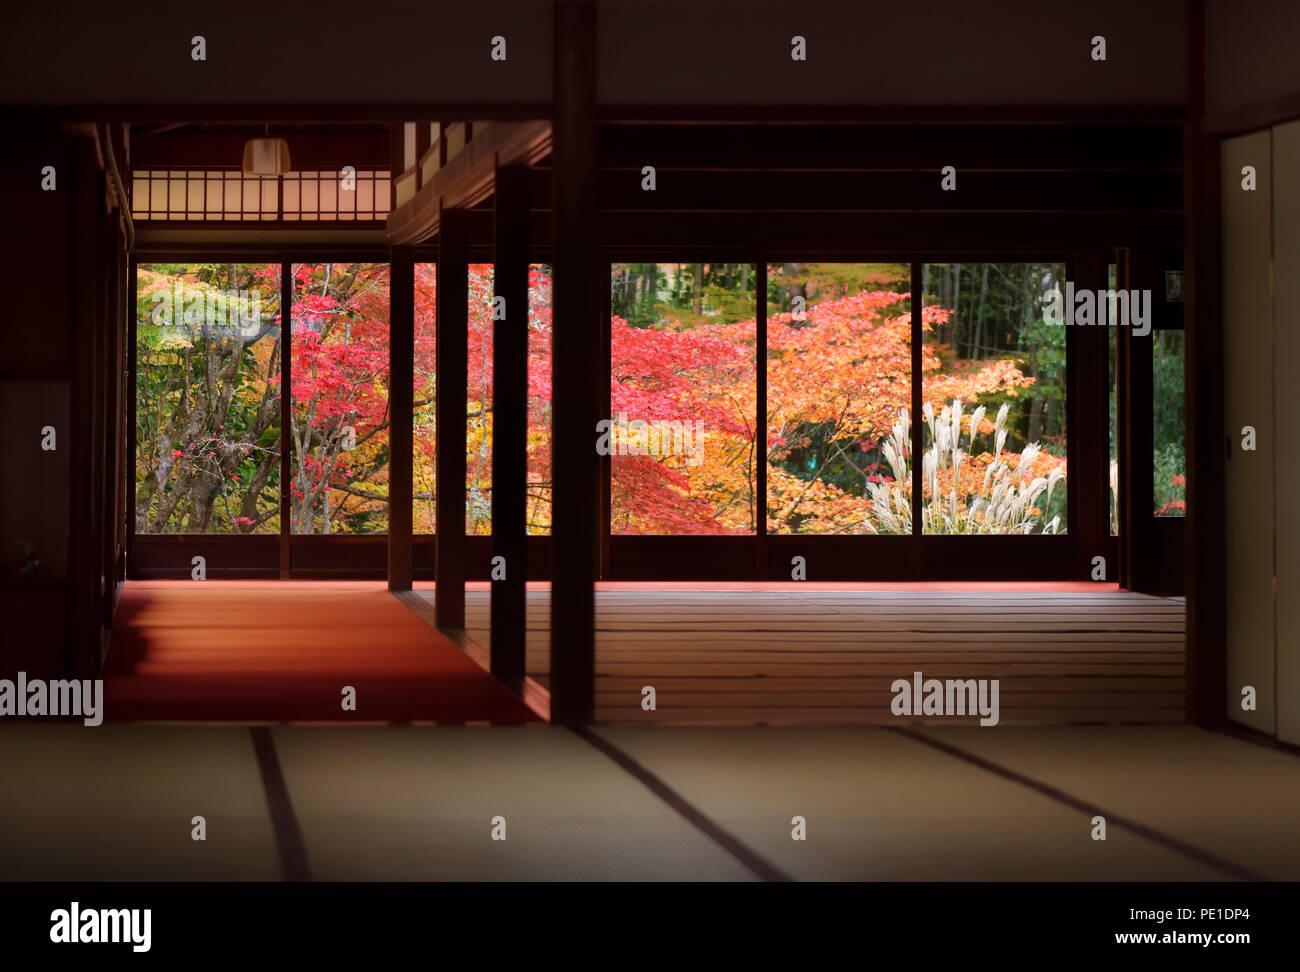 Traditionelle japanische Zimmer Interieur mit einem schönen bunten Herbst Natur Landschaft hinter den Fenstern. Tenjuan historischer Tempel Hall, Nanzen-ji-Komplex Stockbild